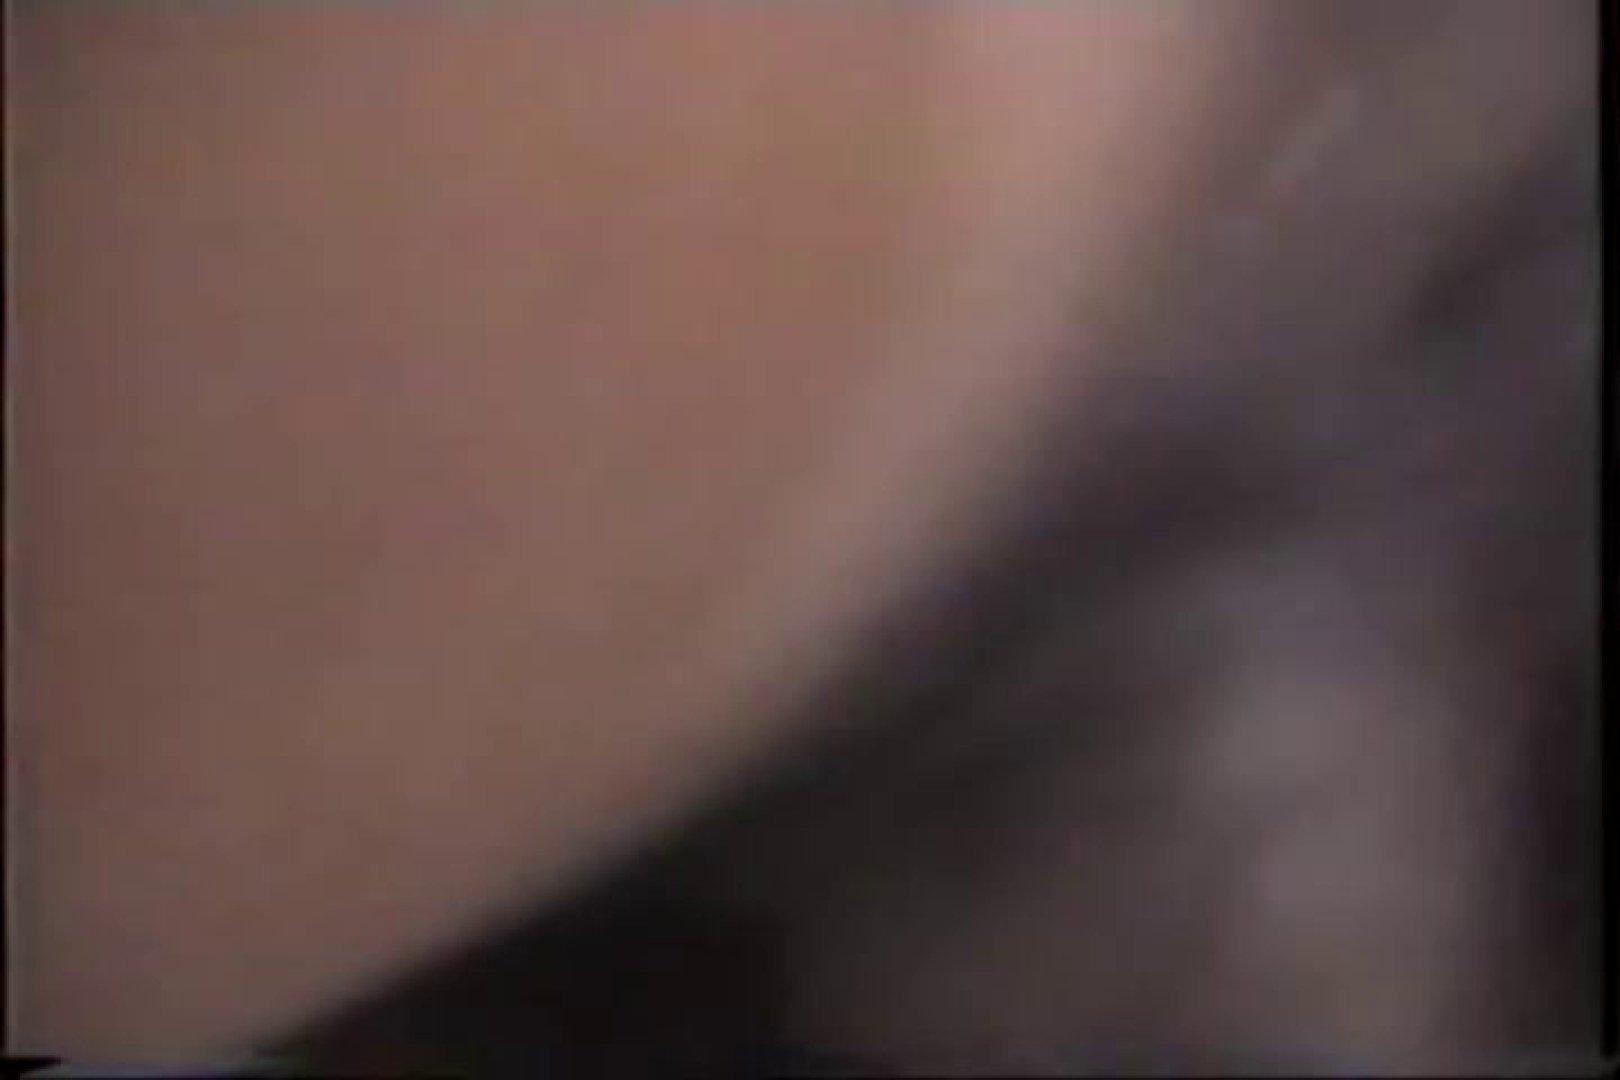 ウイルス流出 純子とてつやの指マン潮吹き&生セックス セックス  77pic 57